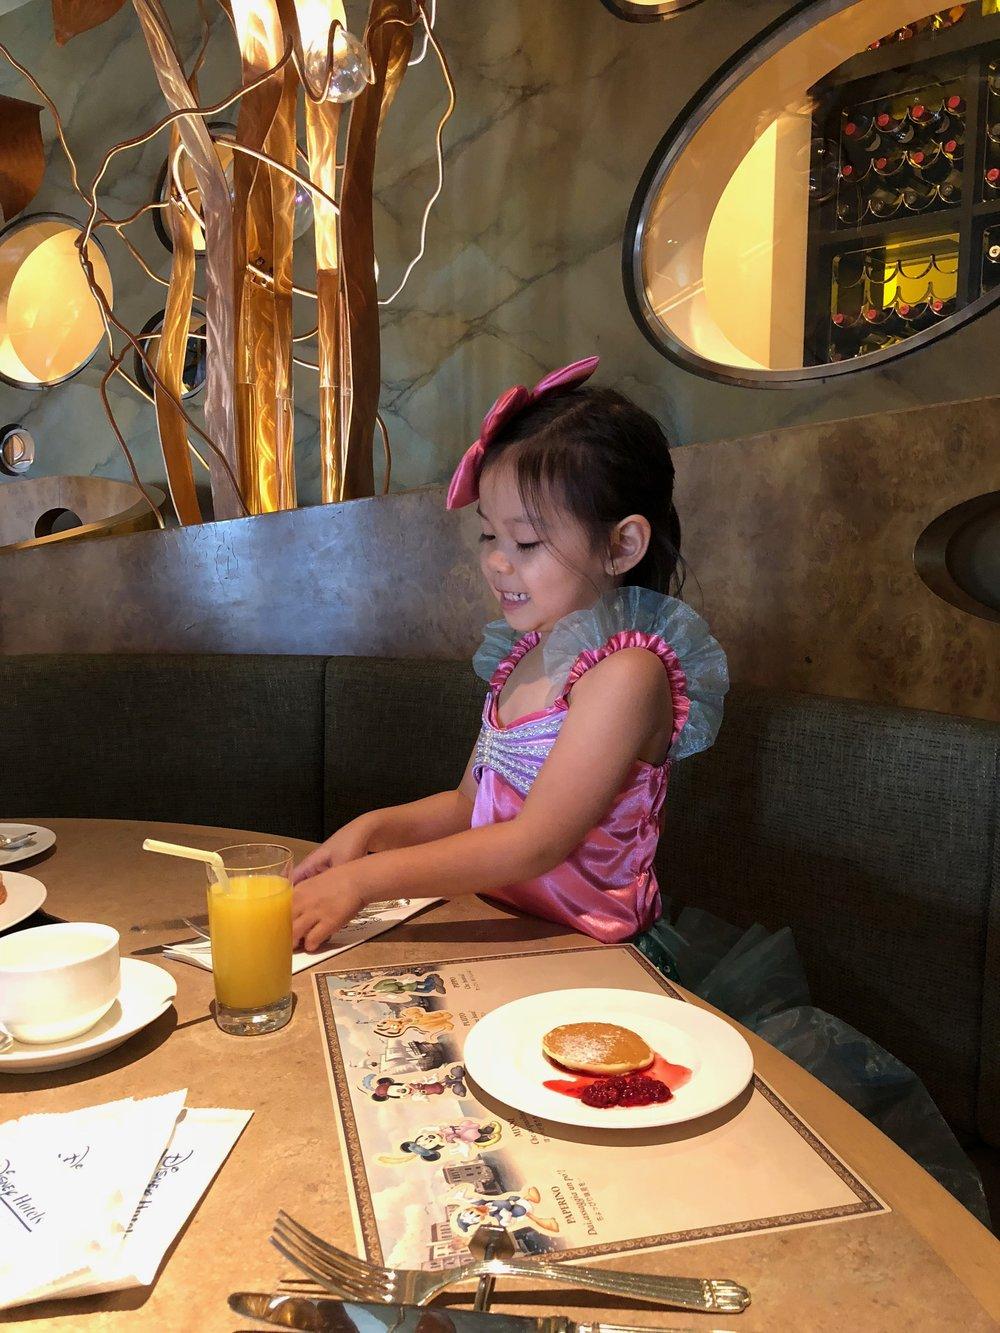 Tokyo DisneySEA on meethaha.com